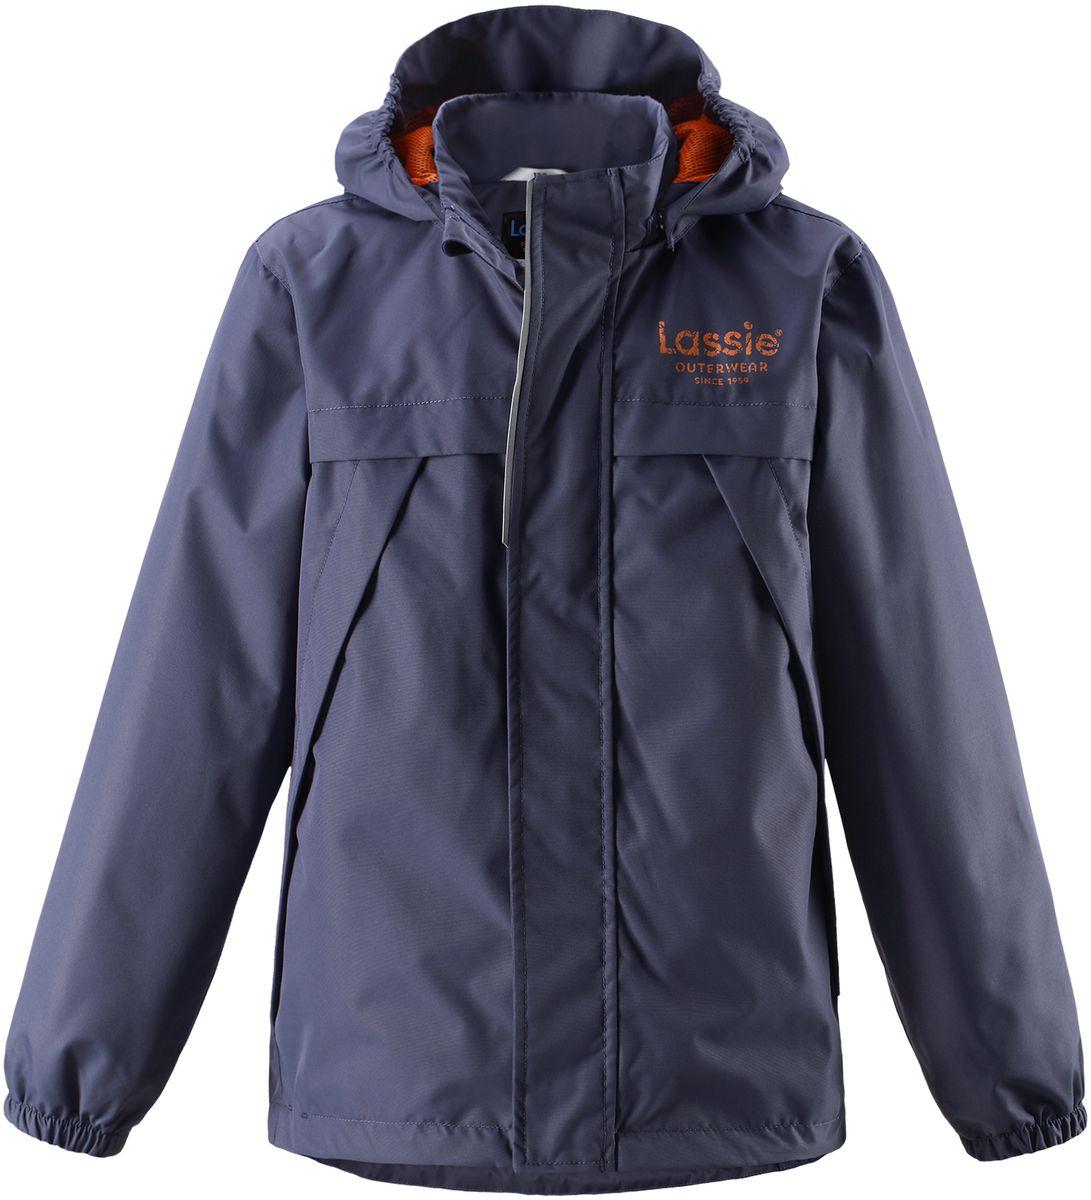 Куртка для мальчика Lassie, цвет: темно-синий. 721707R9630. Размер 104721707R9630Легкая и удобная куртка для мальчиков на весенне-осенний период. Она изготовлена из водоотталкивающего и ветронепроницаемого, но при этом дышащего материала. Куртка снабжена дышащей и приятной на ощупь подкладкой на легком утеплителе, которая облегчает одевание. Съемный капюшон обеспечивает защиту от холодного ветра, а также безопасен во время игр на свежем воздухе! Благодаря регулируемому подолу эта модель свободного покроя отлично сидит по фигуре. Снабжена множеством продуманных элементов, например, передними карманами и эластичными манжетами.